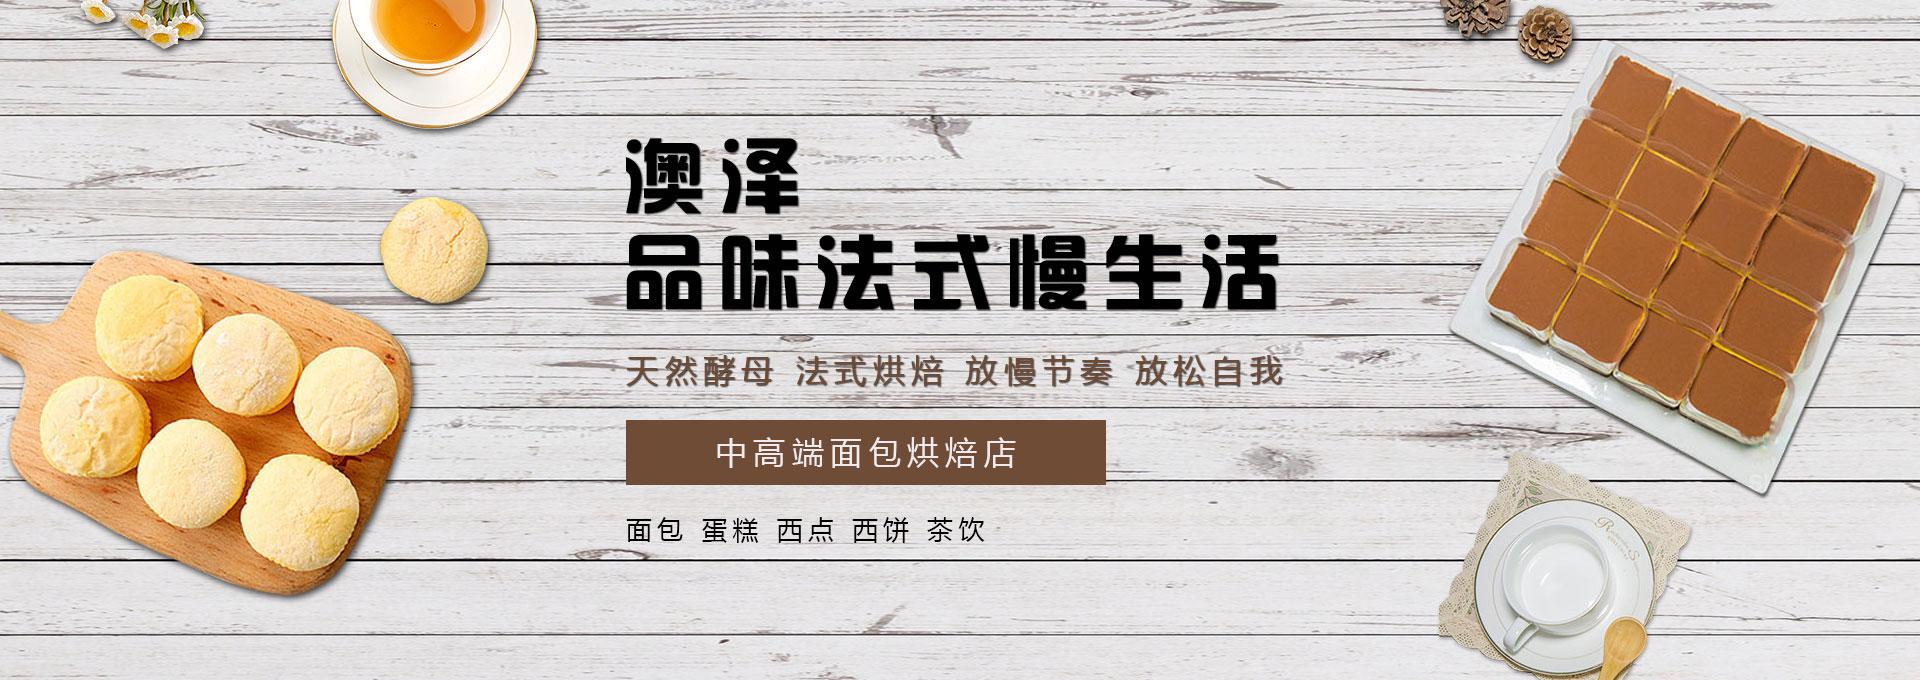 澳泽品味法式慢生活_昌启蛋糕面包加盟